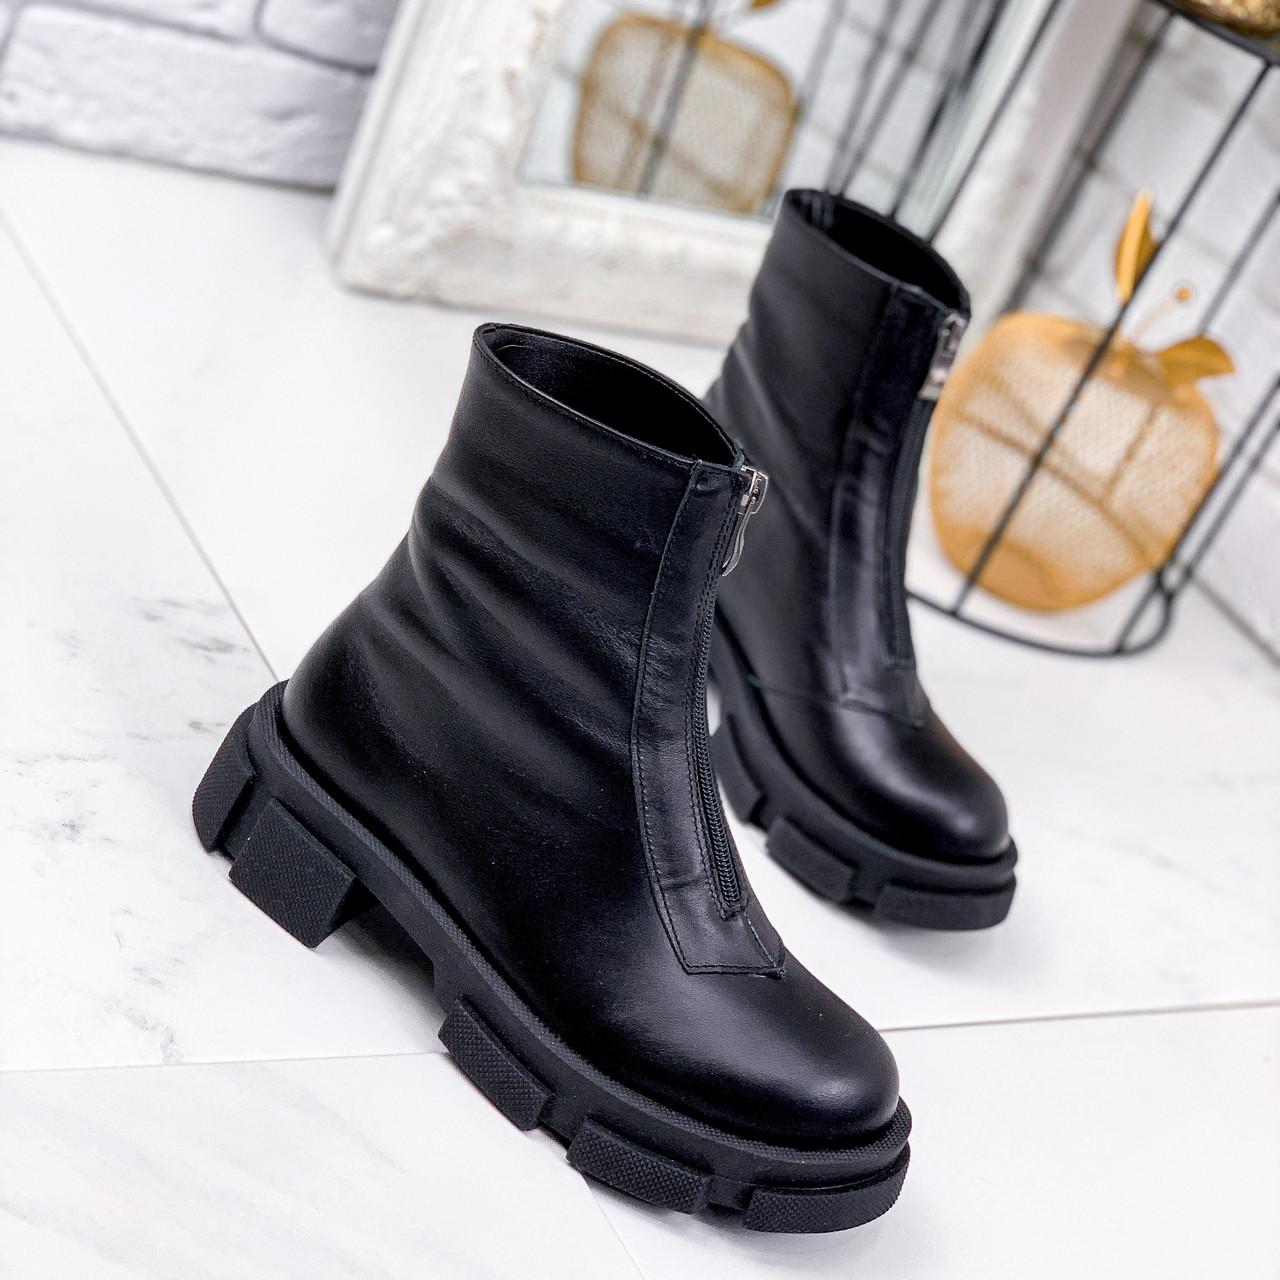 Ботинки женские Viole черныеДЕМИ 2219